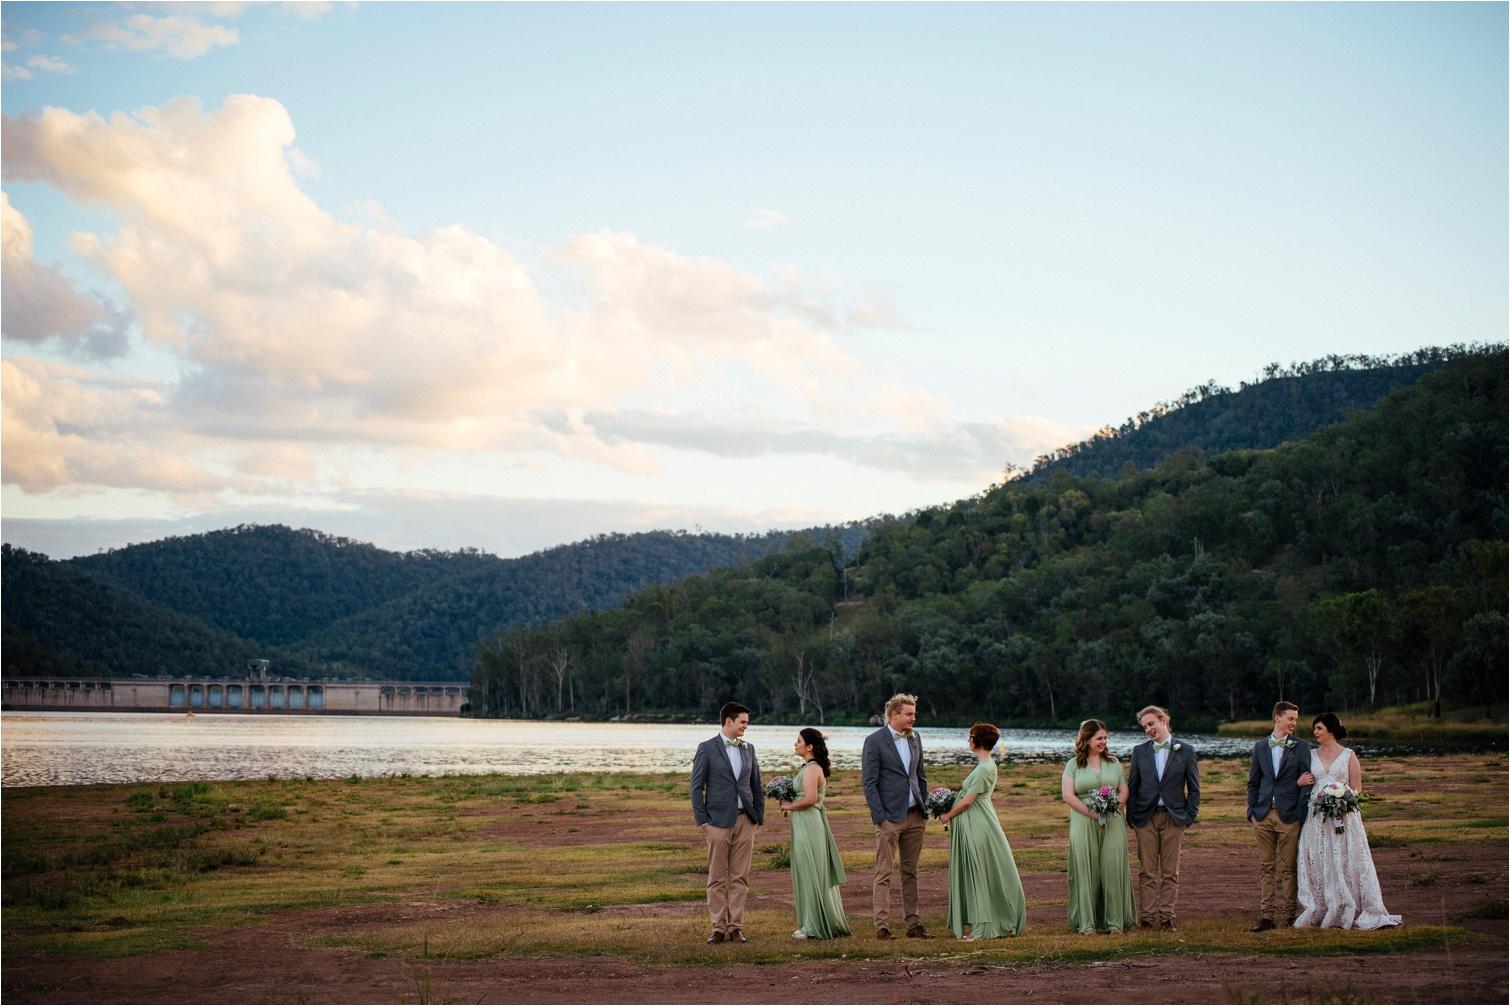 Somerset-Dam-Wedding_Monica-and-Pieter_by-The-Follans_0075.jpg